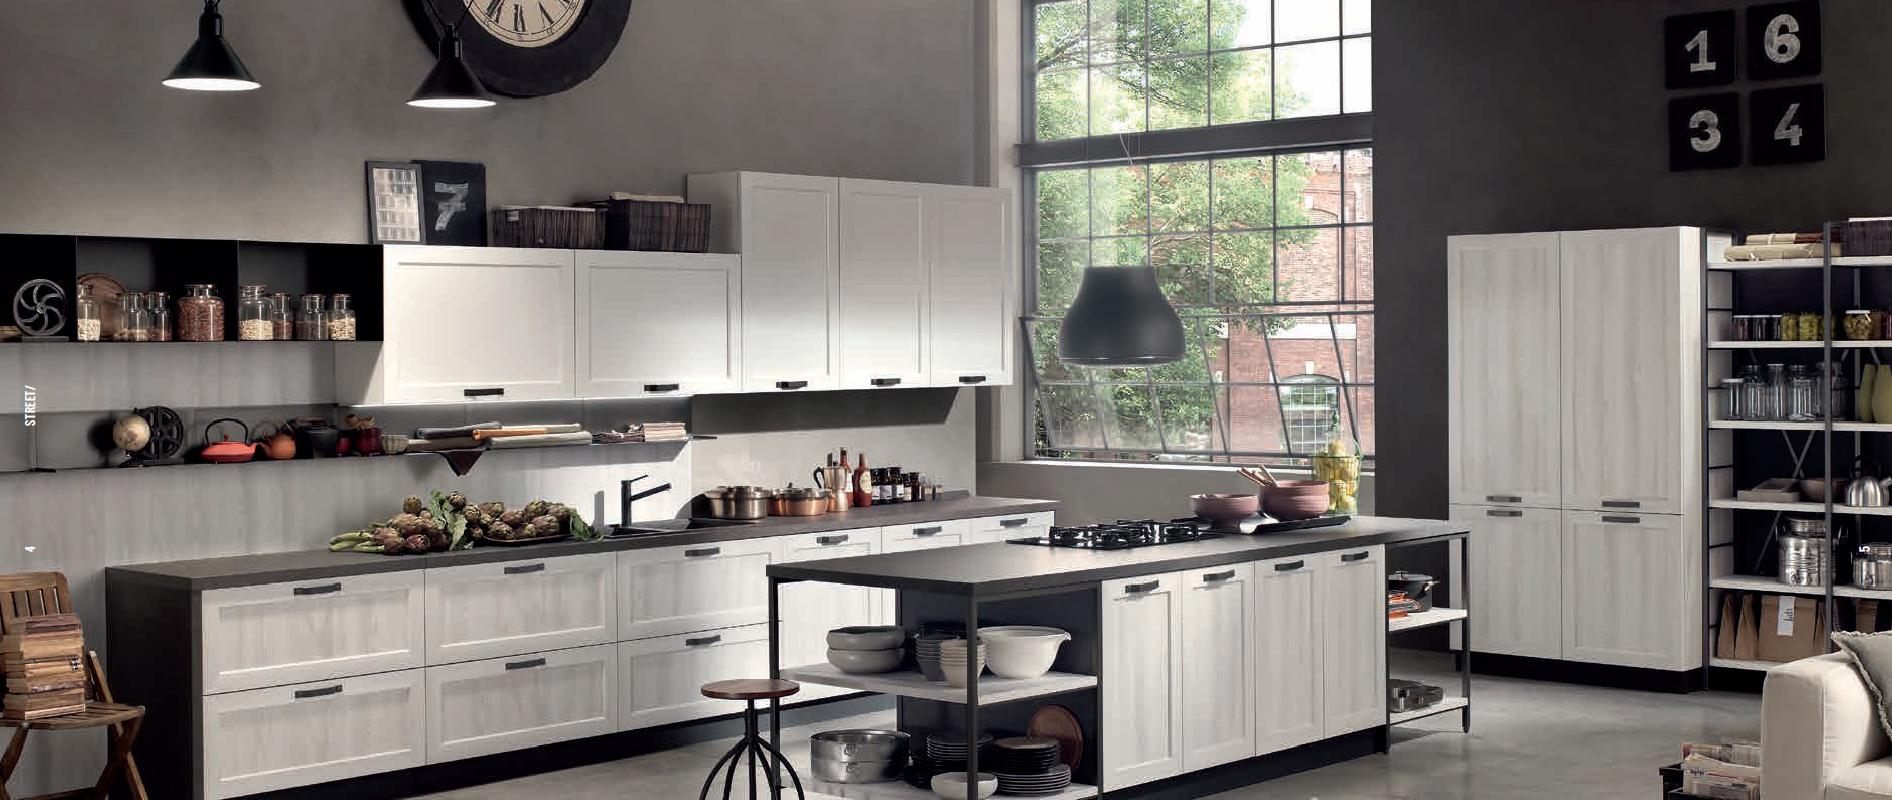 Street cucine moderne forma 2000 ginocchi arredamenti - Cucine forma 2000 ...